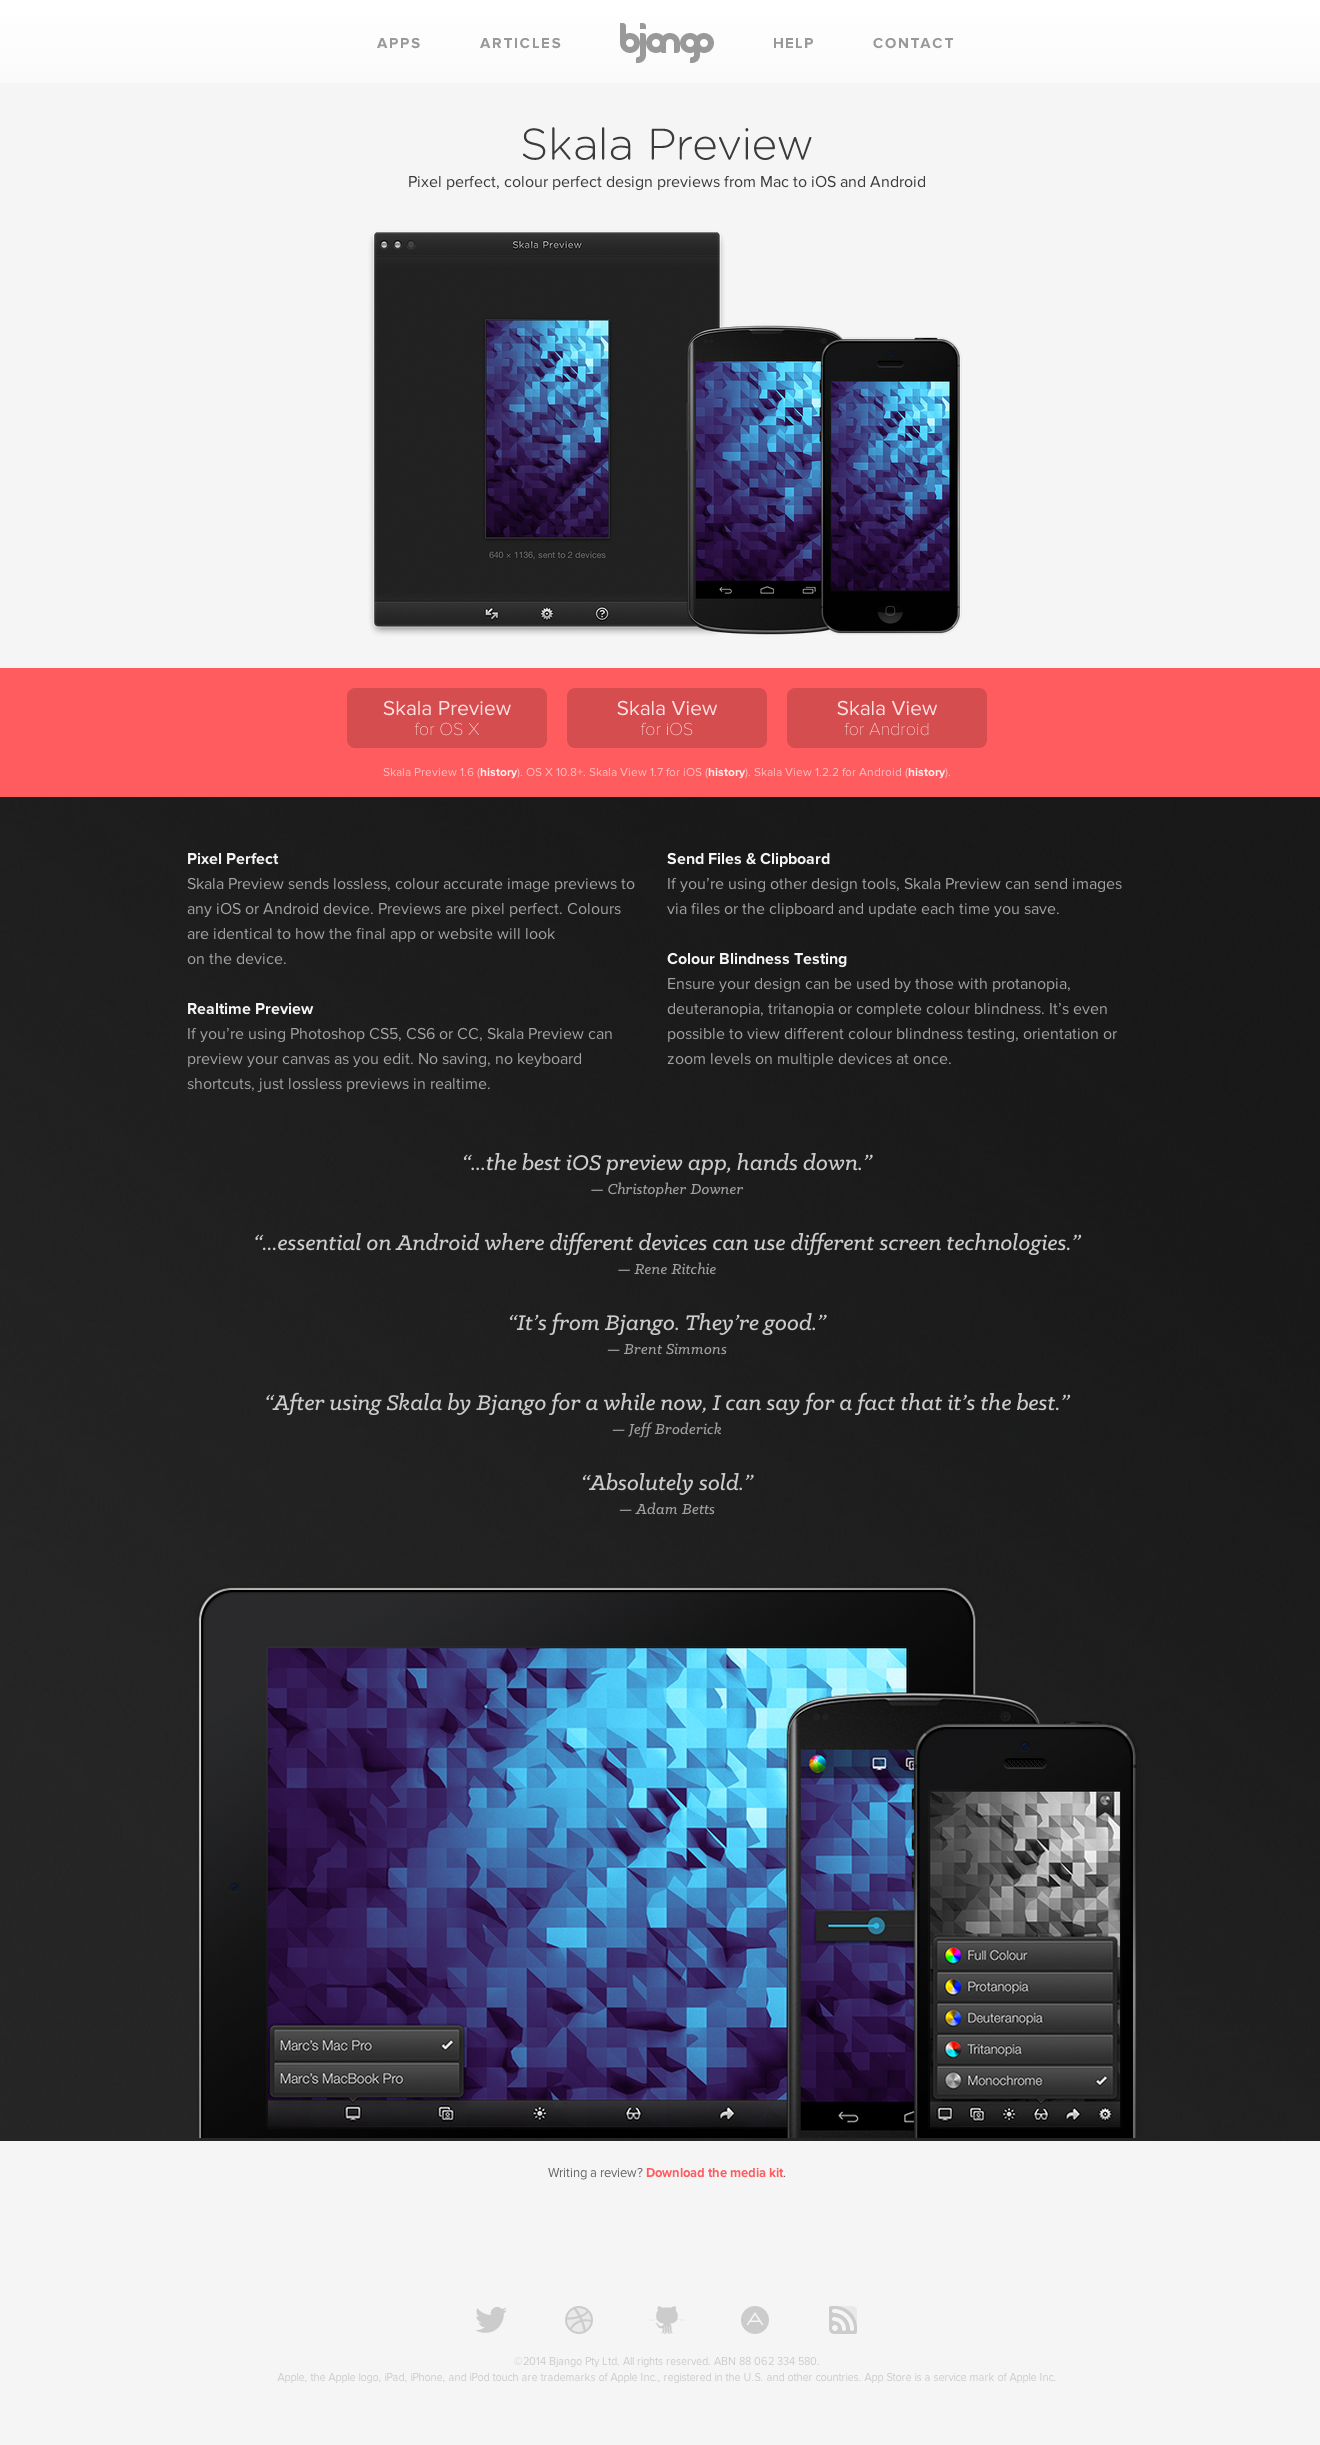 Skala Preview, a Mac app by Bjango